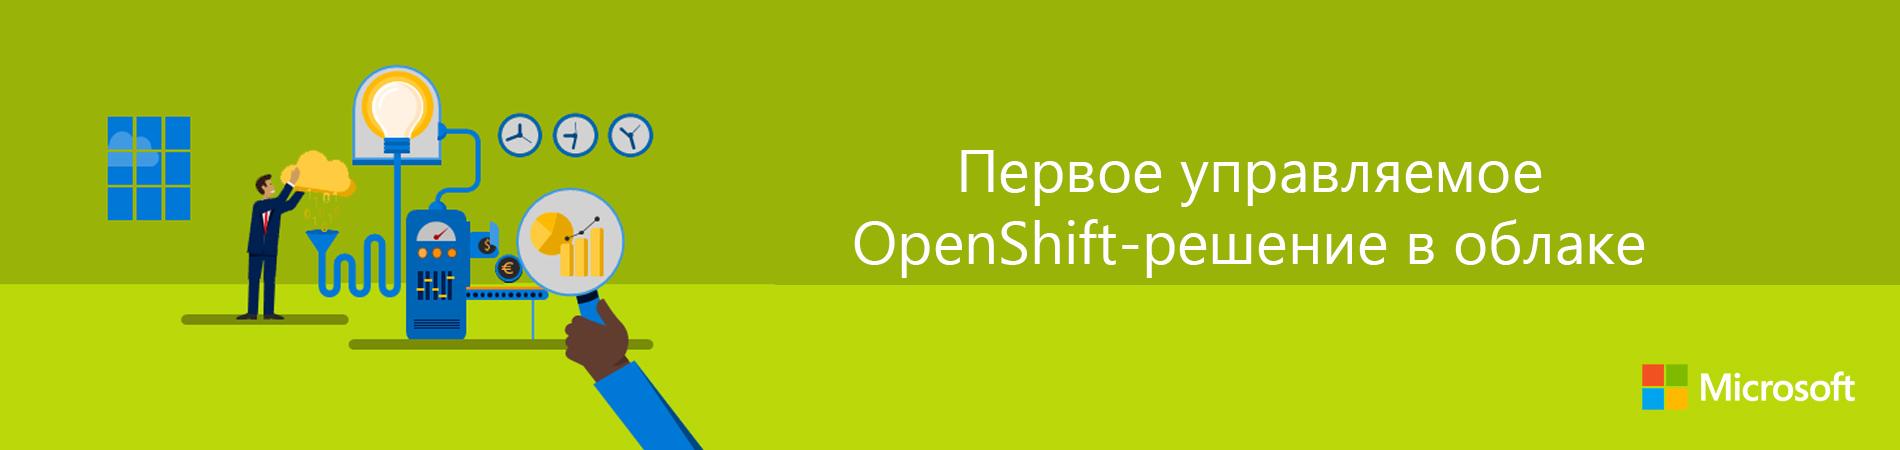 Первое управляемое OpenShift-решение в облаке